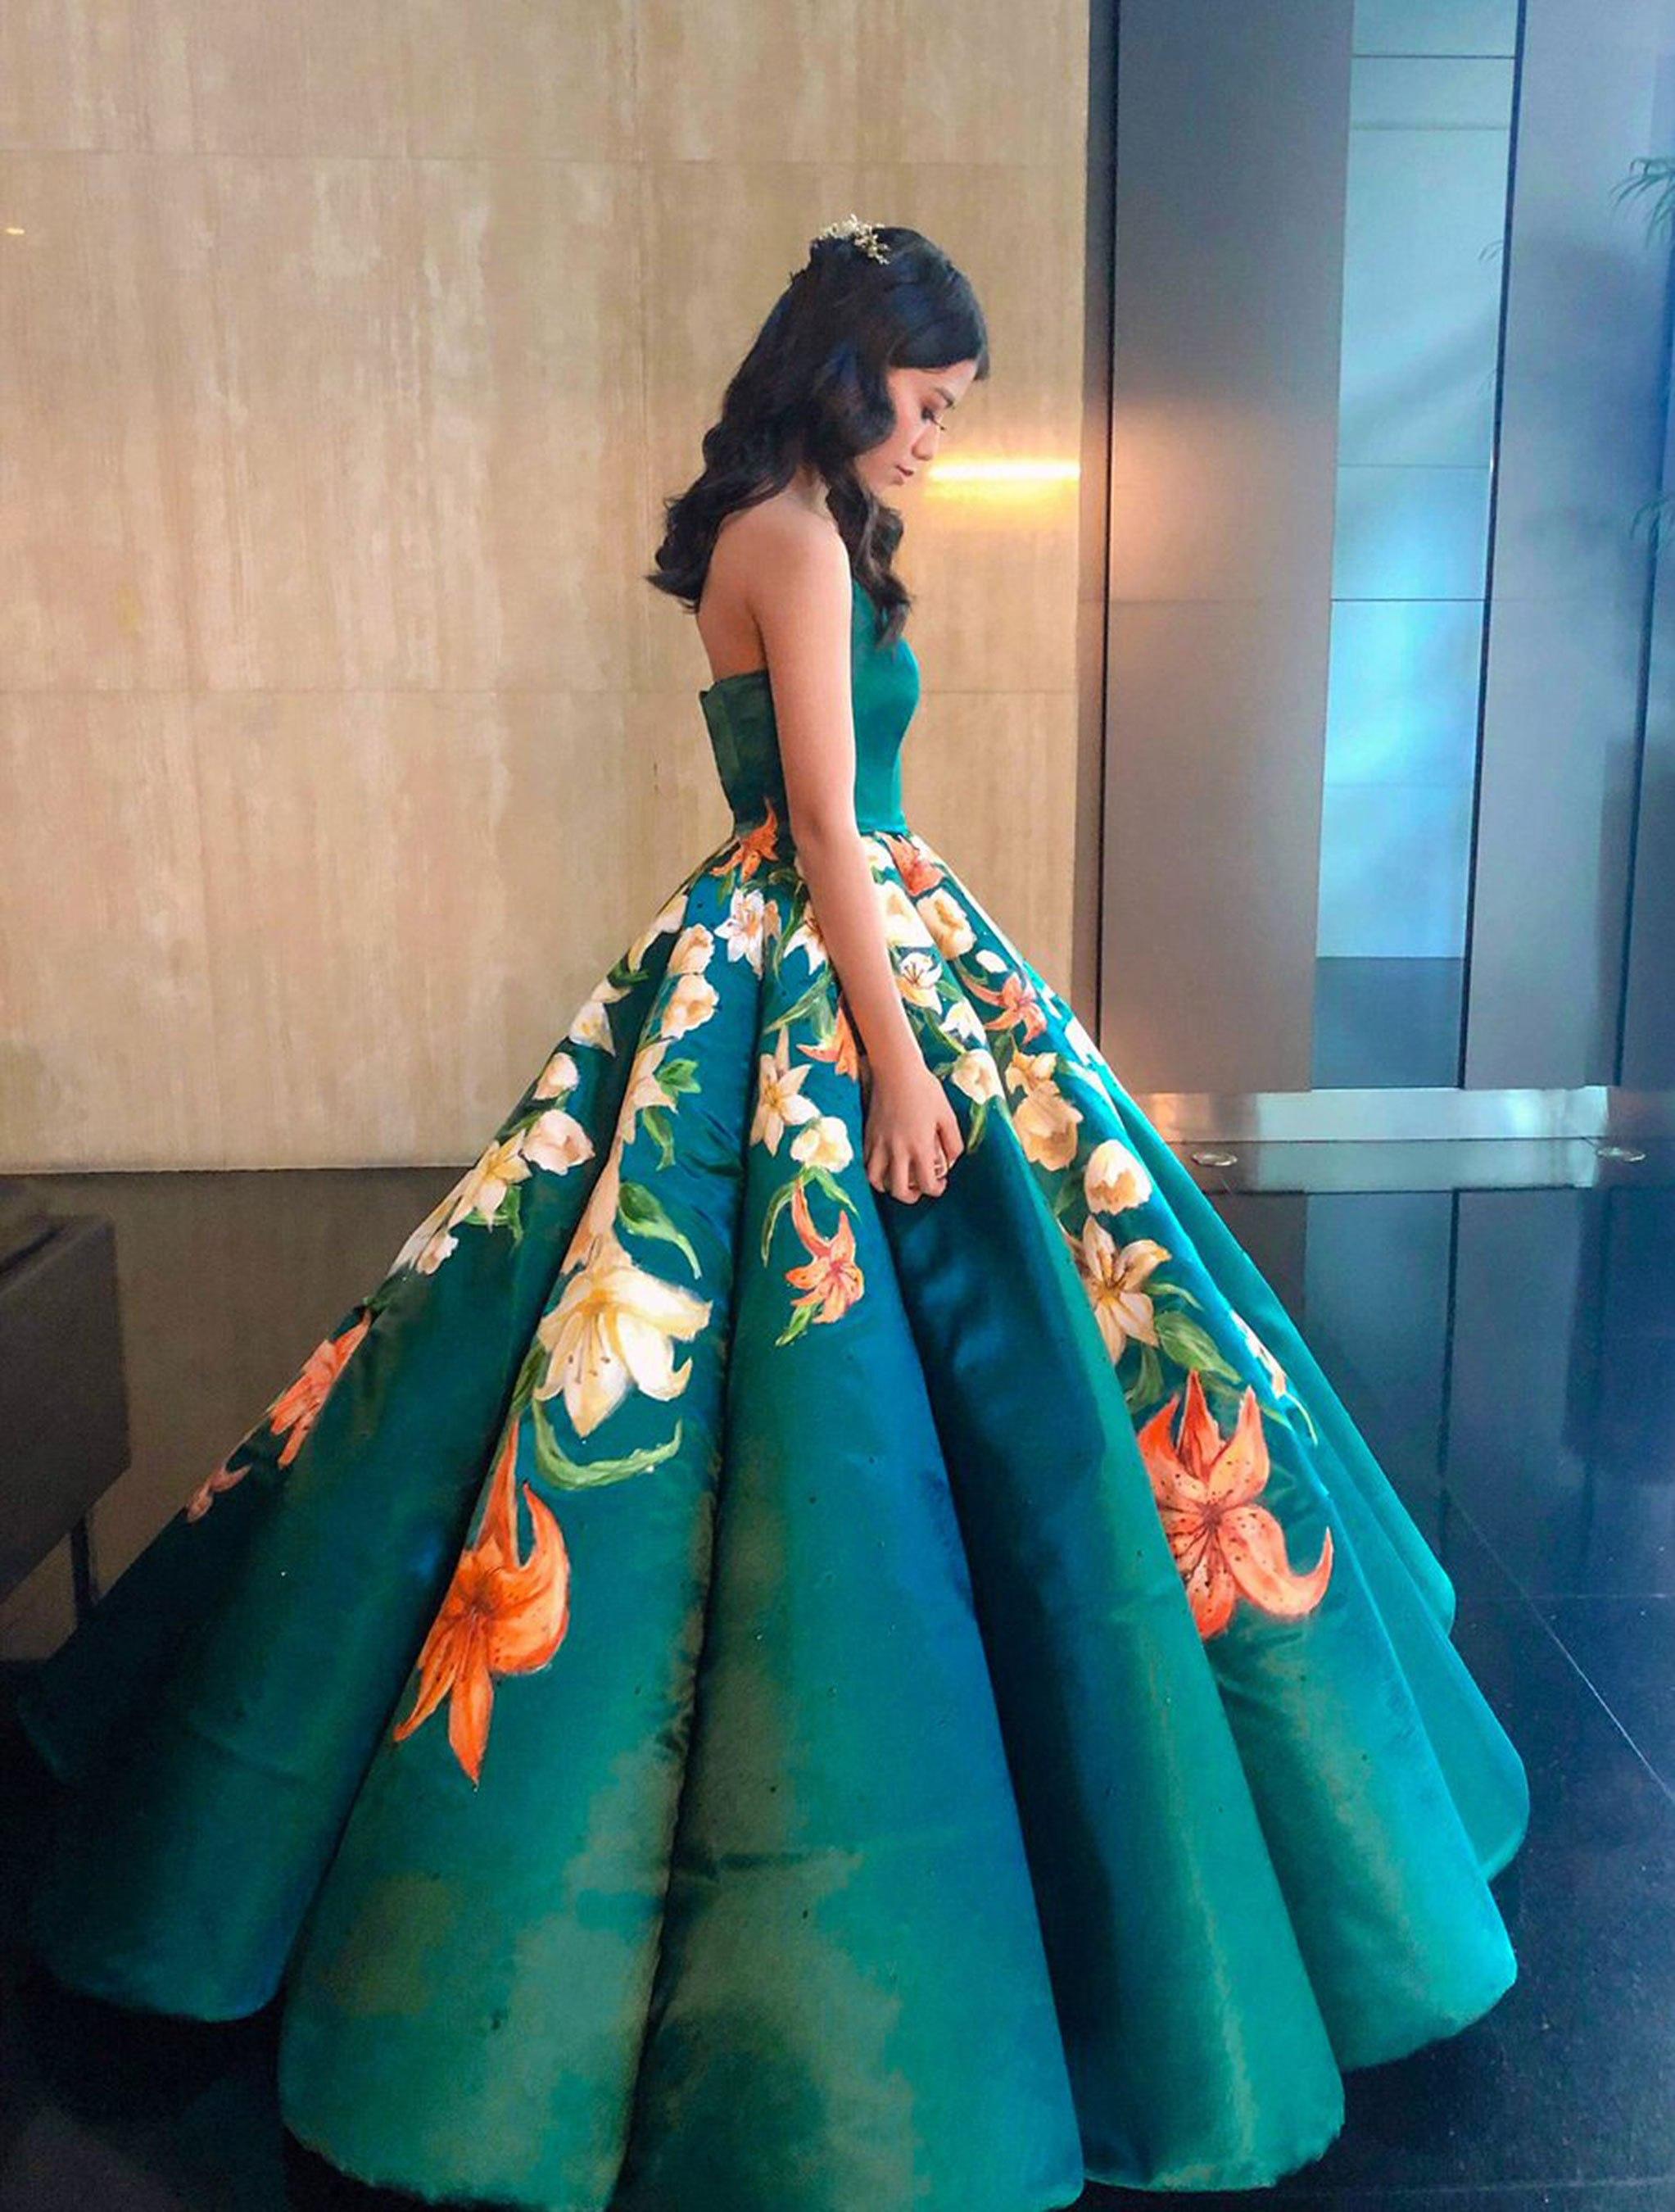 9c9a49e99 Estidiante filipina Ciara Gan confeccionó su propio vestido de graduación  ampón largo